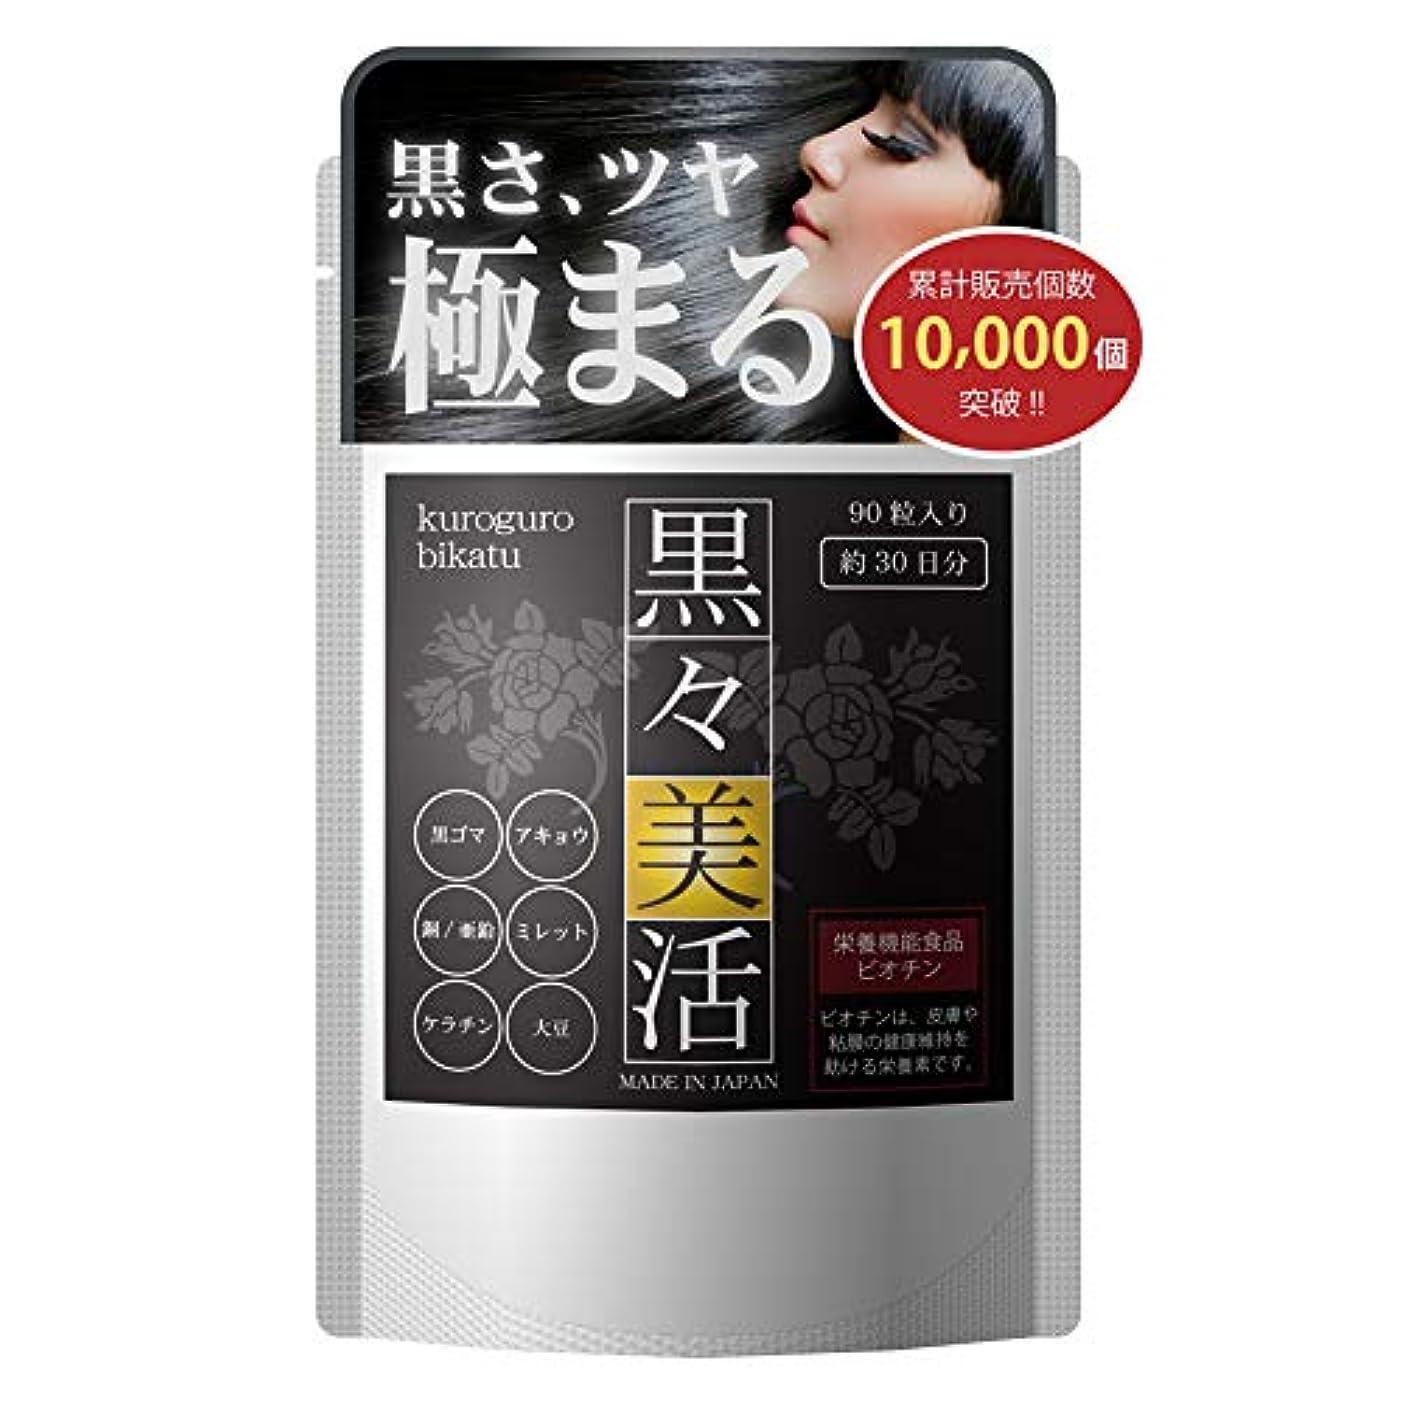 摘む可決やめるヘアケア ボリュームアップ サプリ 黒ゴマ アキョウ 亜鉛 銅 黒々美活 90粒 30日分